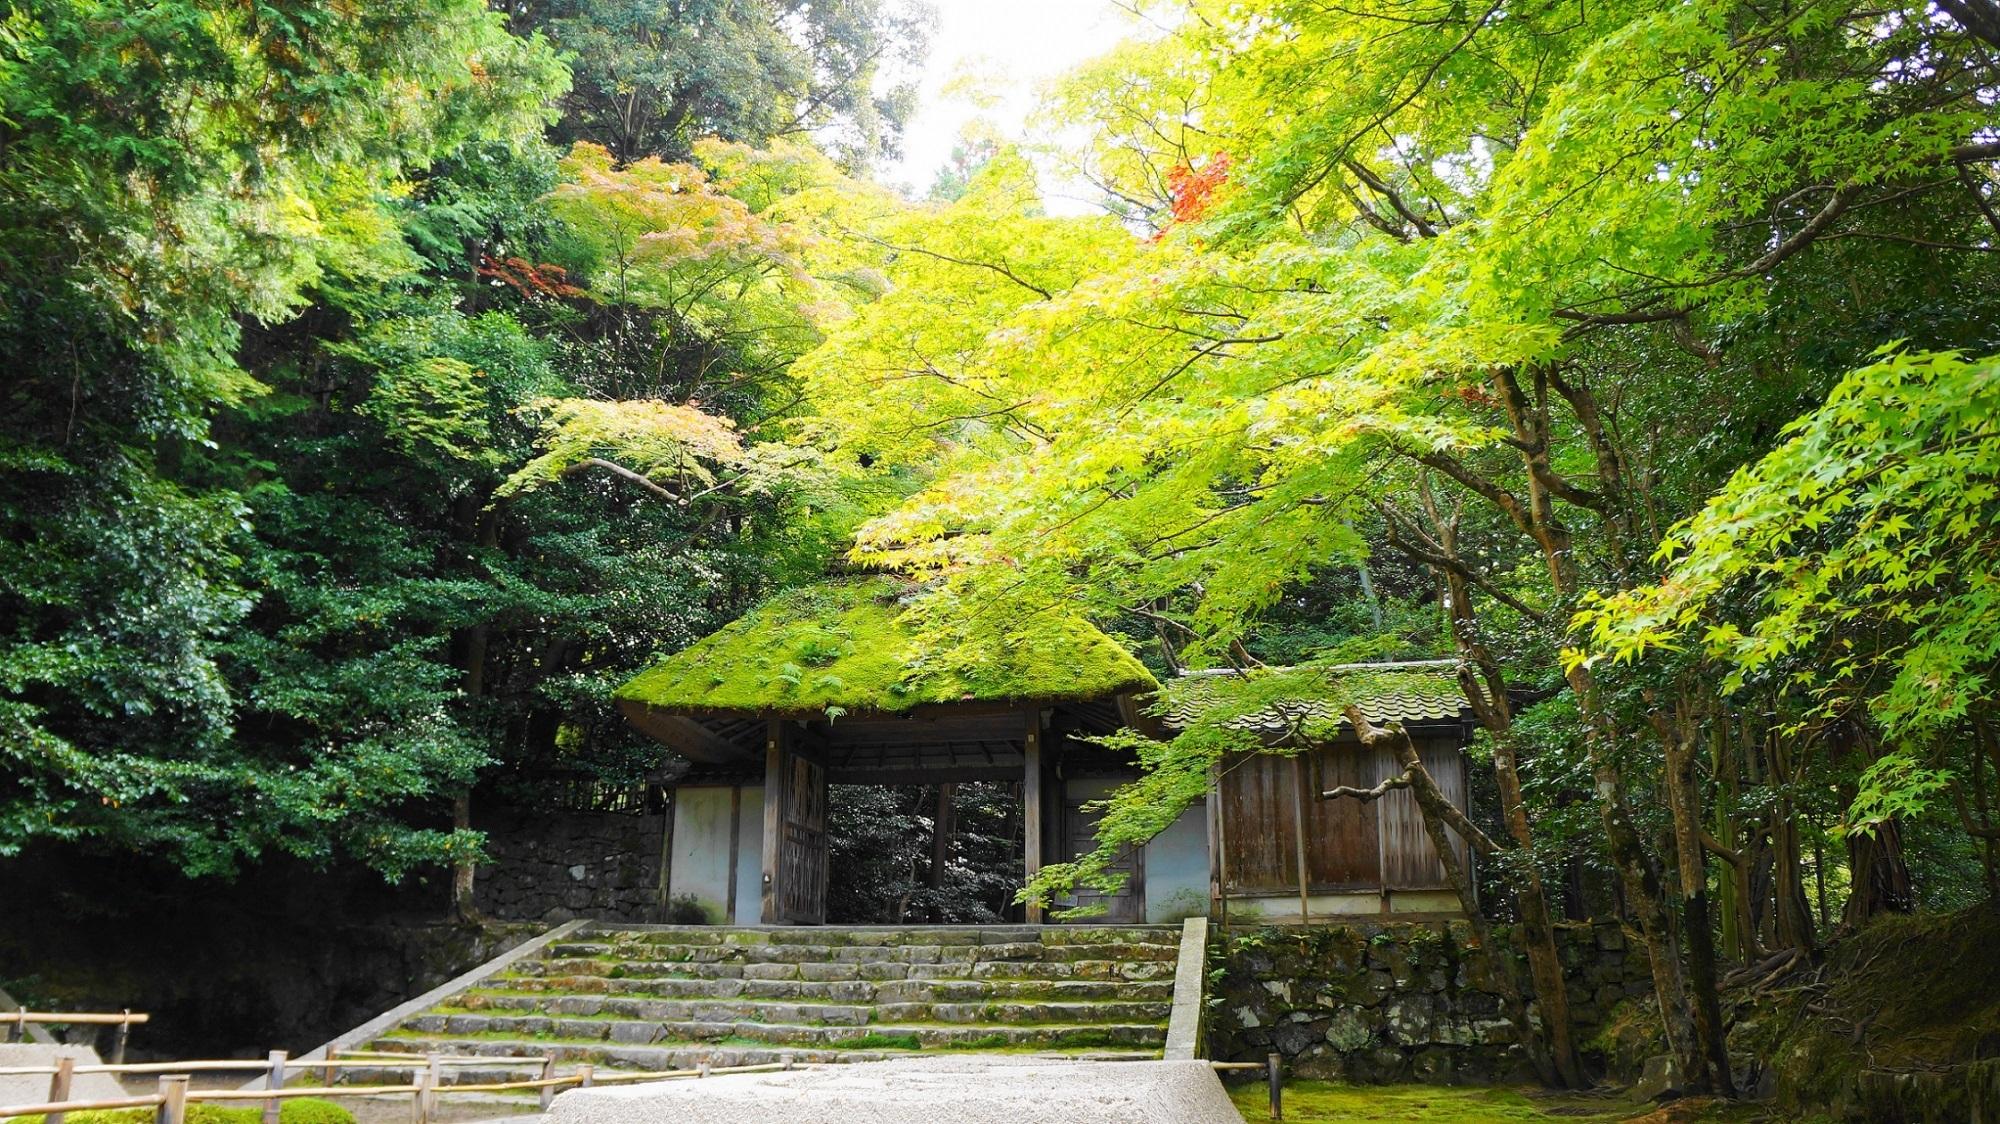 風情ある庭園とさわやかな緑